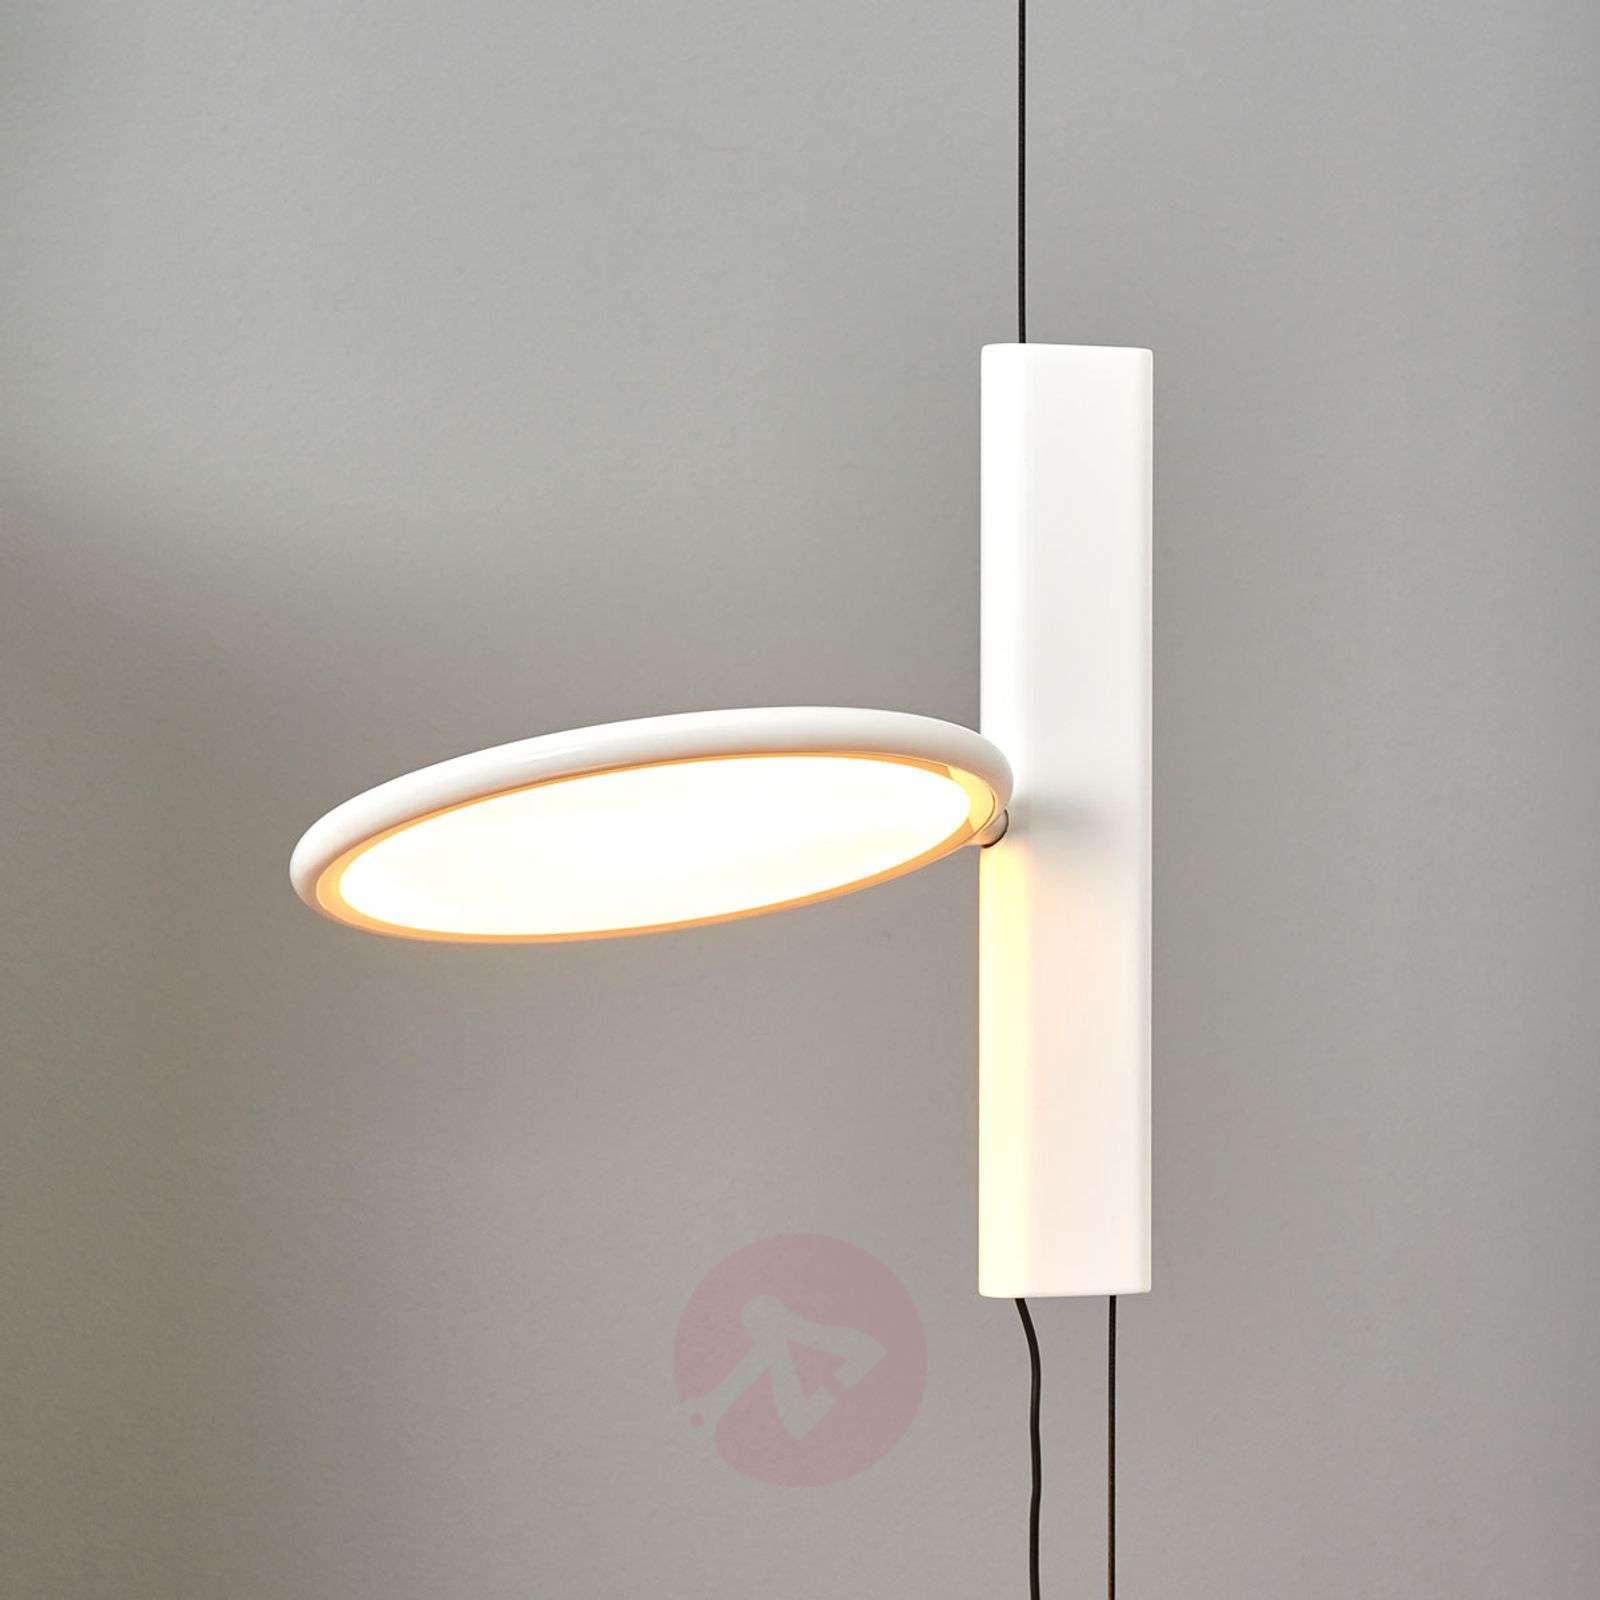 Seisova OK LED-riippuvalaisin-3510309X-03